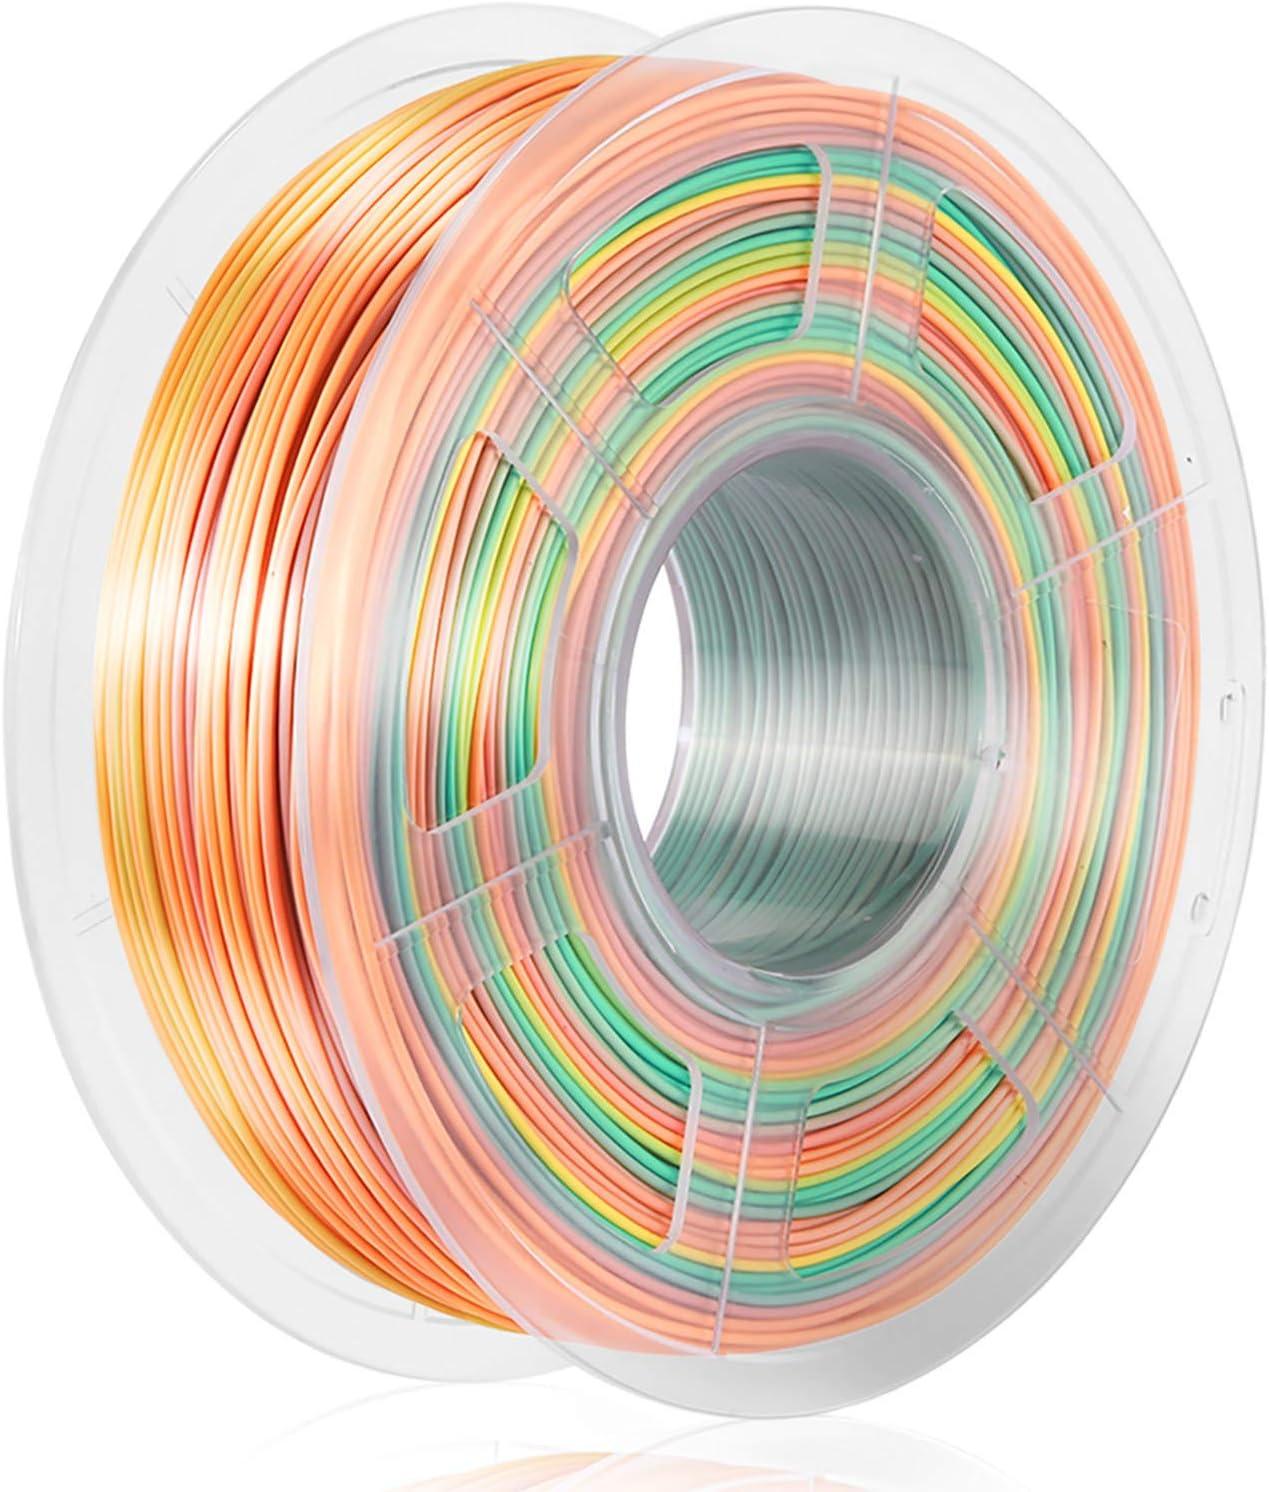 SUNLU Rainbow Silk PLA+ 3D Printer Filament, 3D Printing PLA+ Filament 1.75mm, 1kg(2.2LBS) Spool, Rainbow